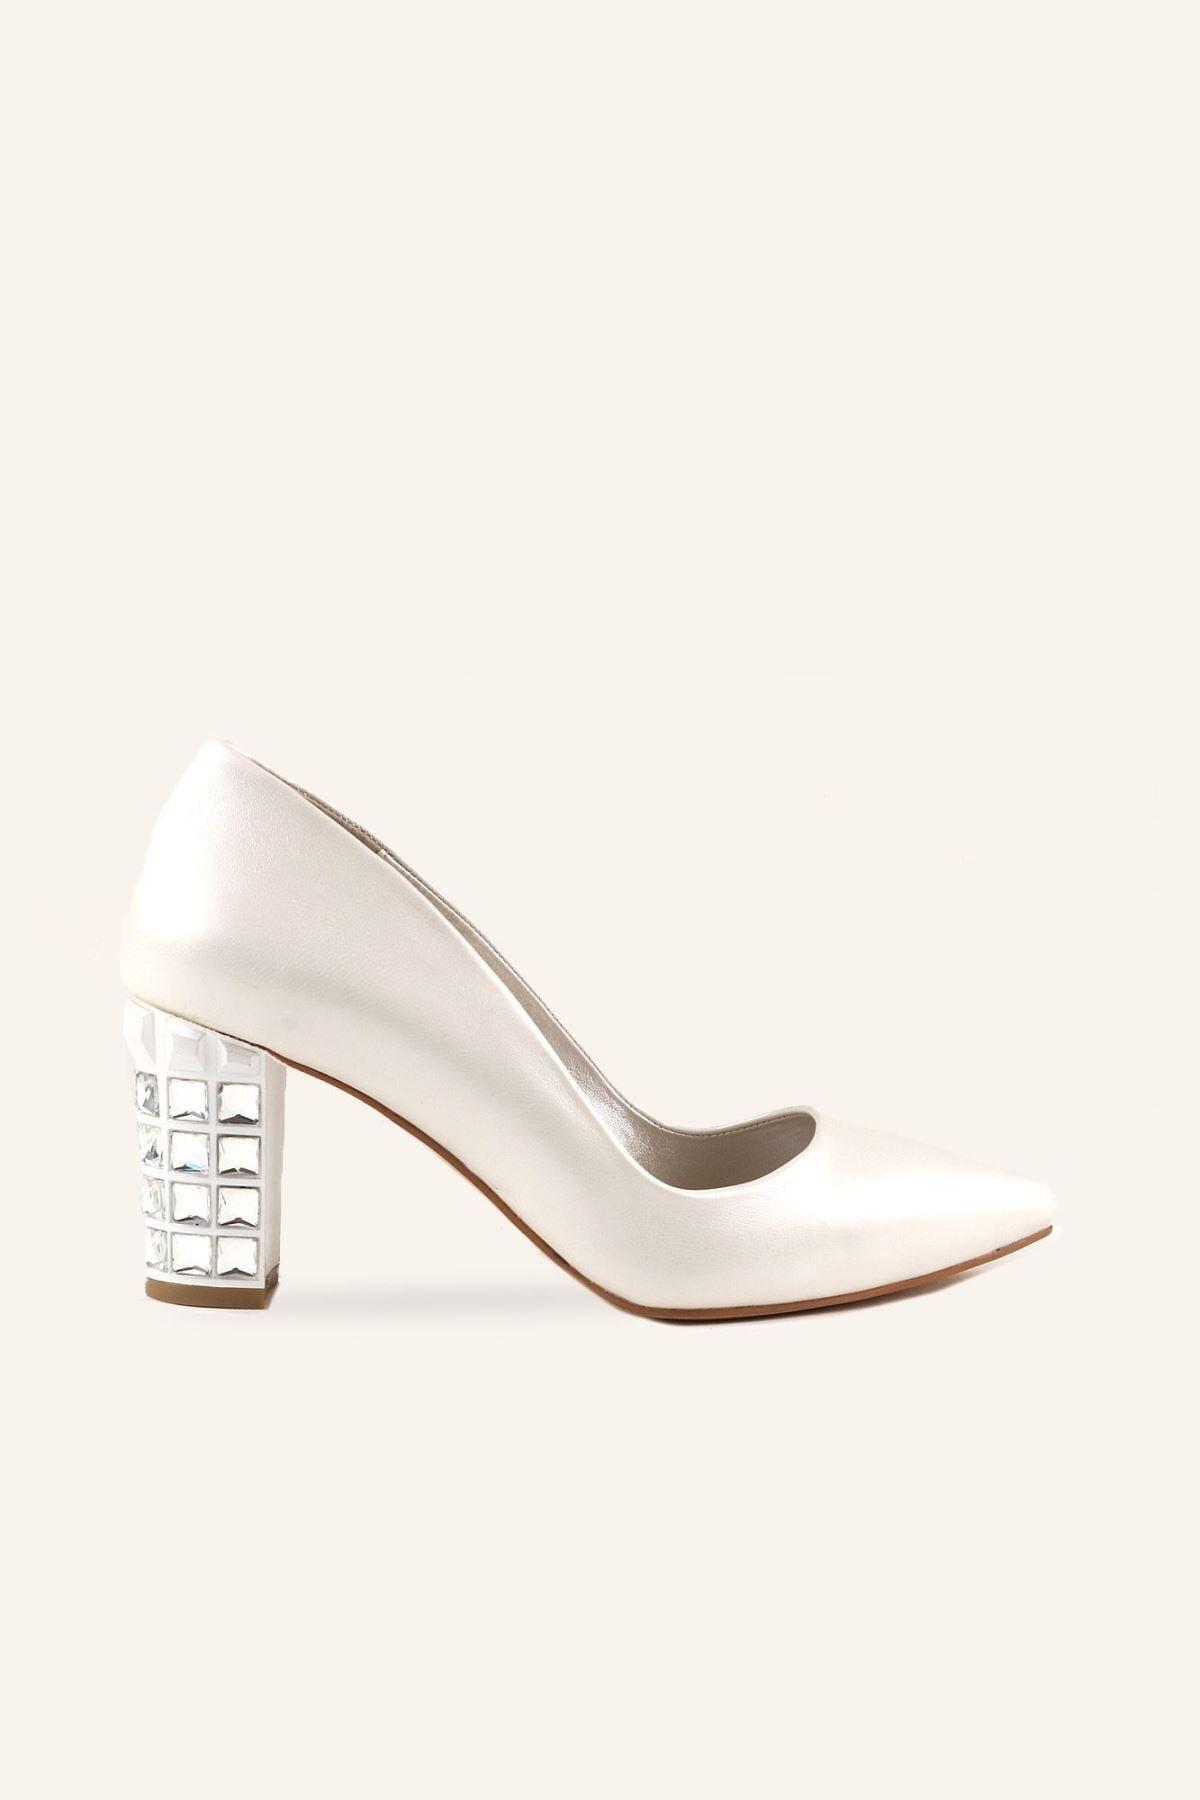 فروش اینترنتی کفش پاشنه بلند مجلسی زنانه با قیمت برند MARCATELLI رنگ نقره ای کد ty60261774